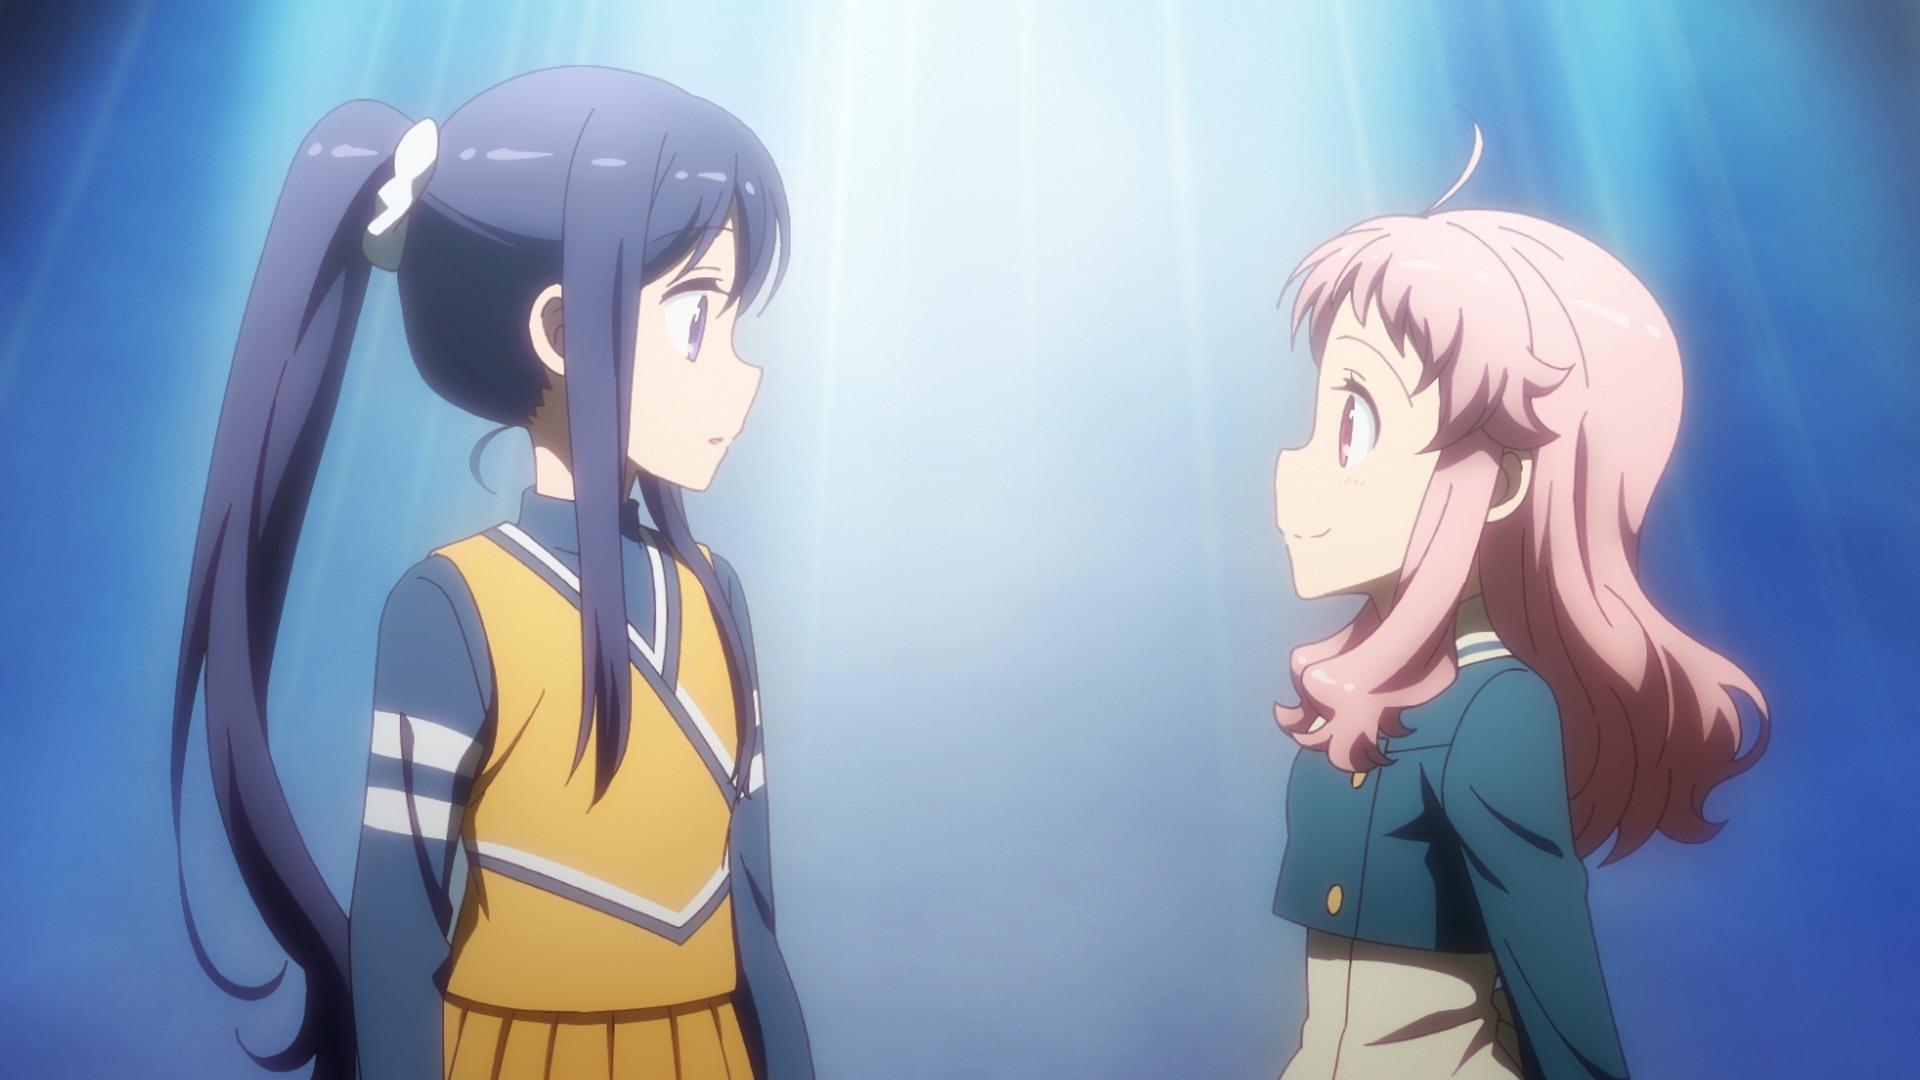 秋アニメ『アニマエール!』第7話の場面カット&あらすじが到着! 買い物後にひづめから、とある相談を持ちかけられる-6